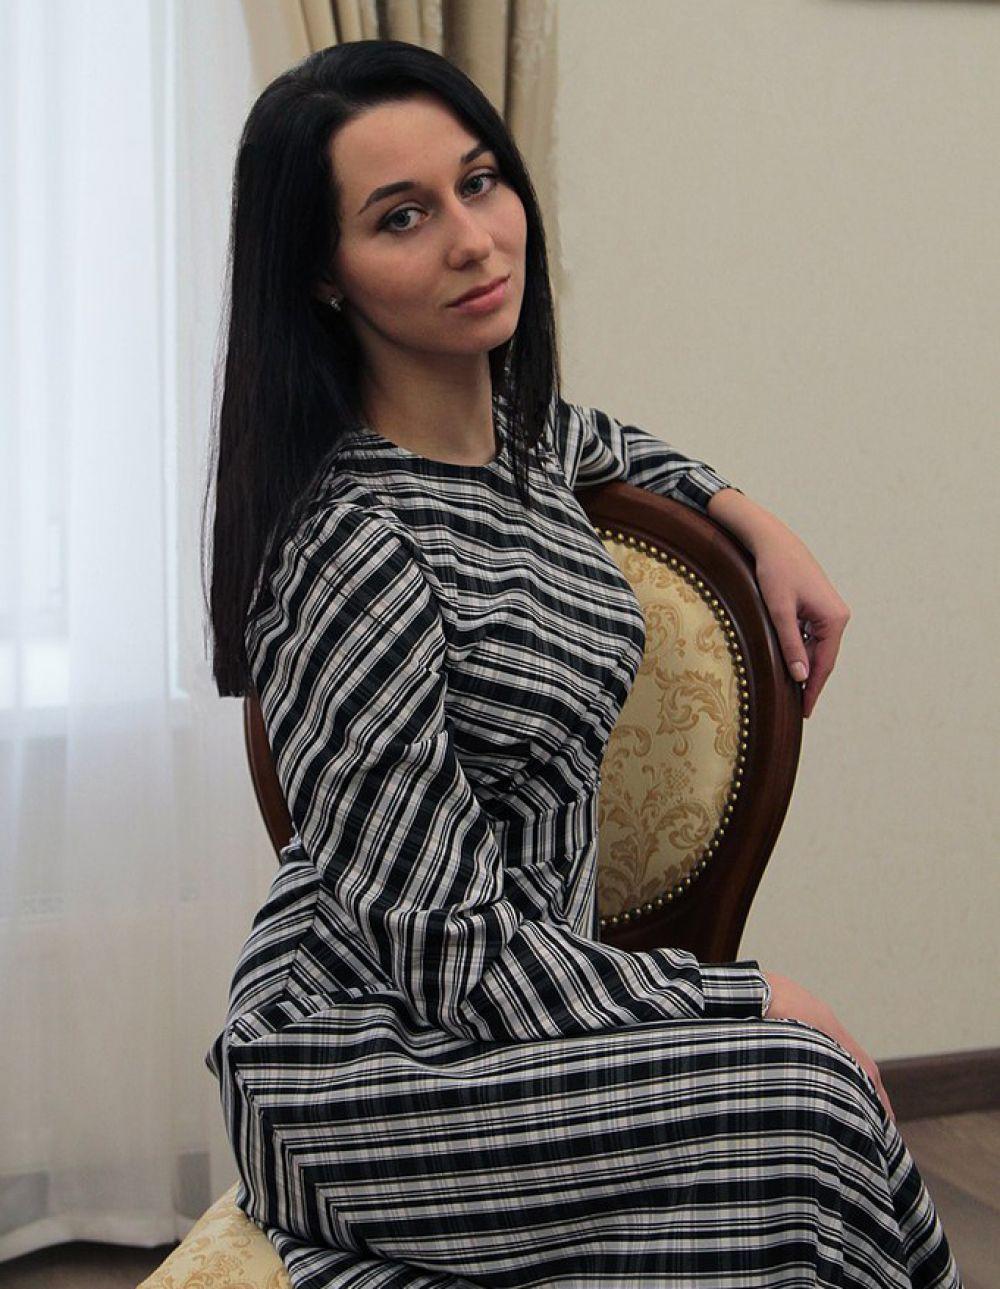 Баева Екатерина, 22 года, ПАО «Кировский завод Маяк»